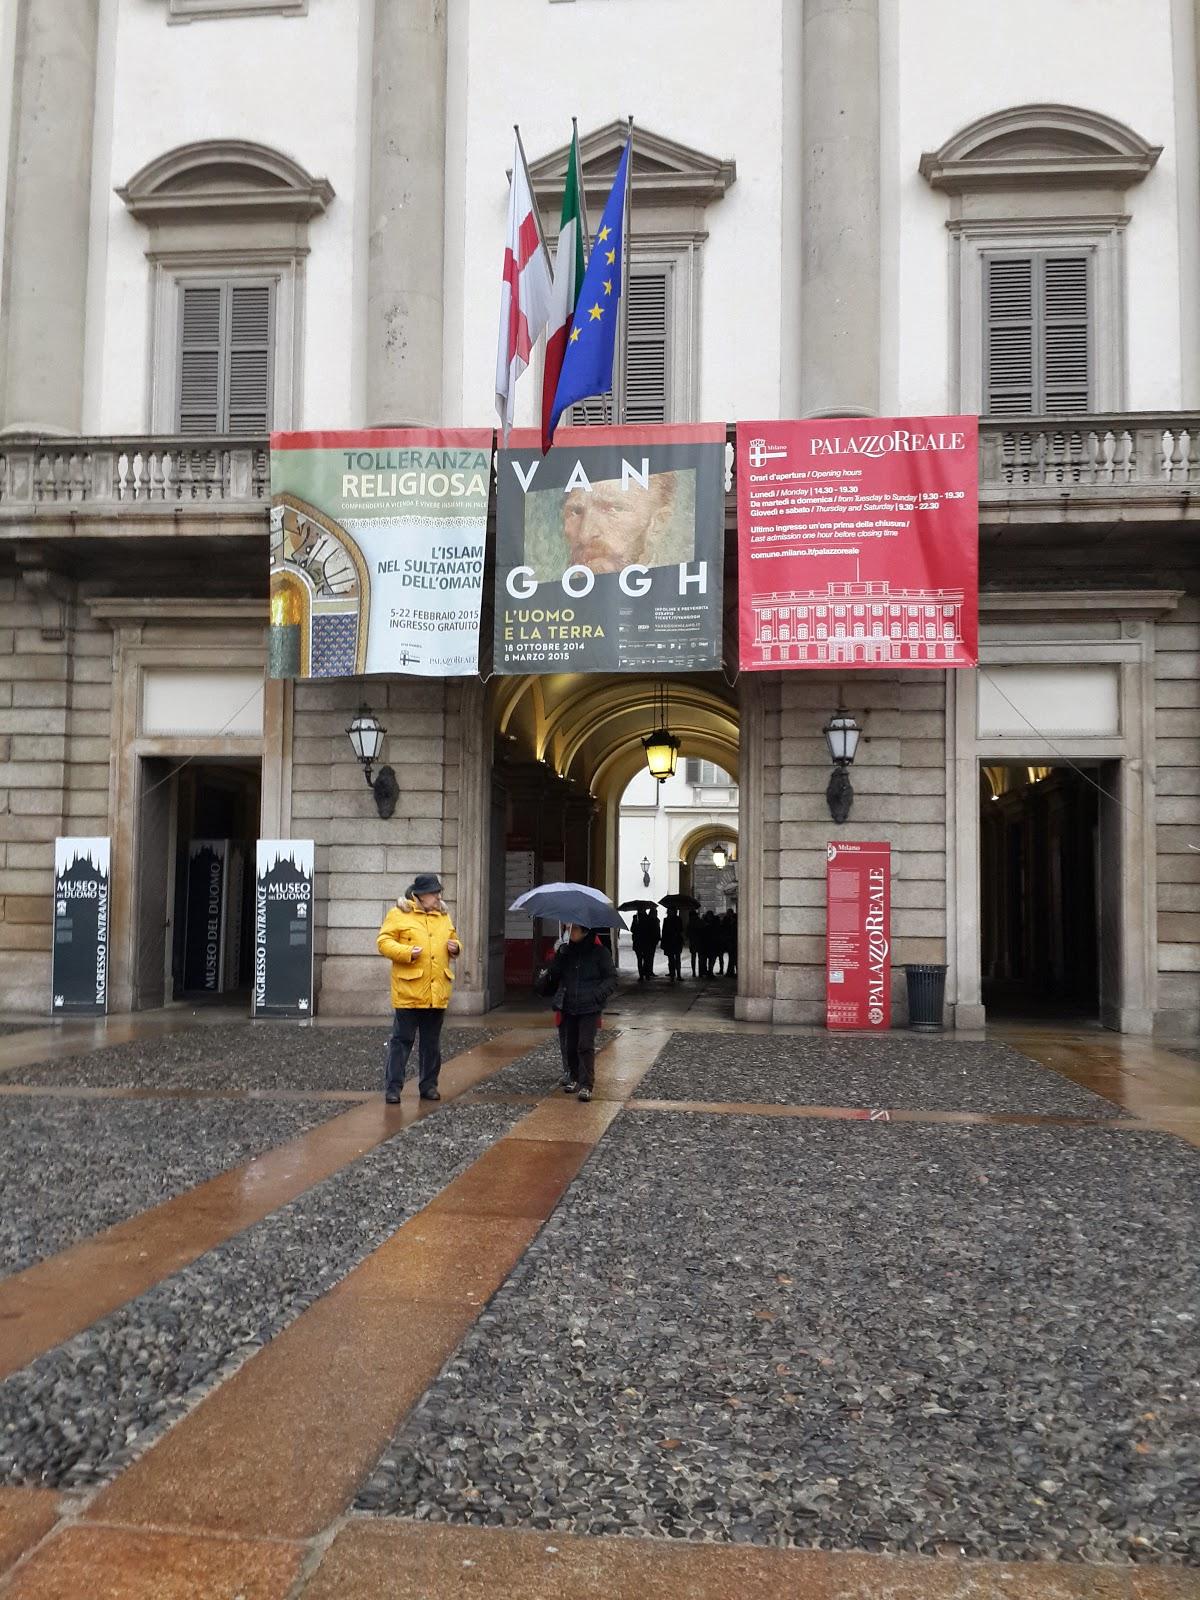 Van Gogh Милана собор Duomo билеты картины